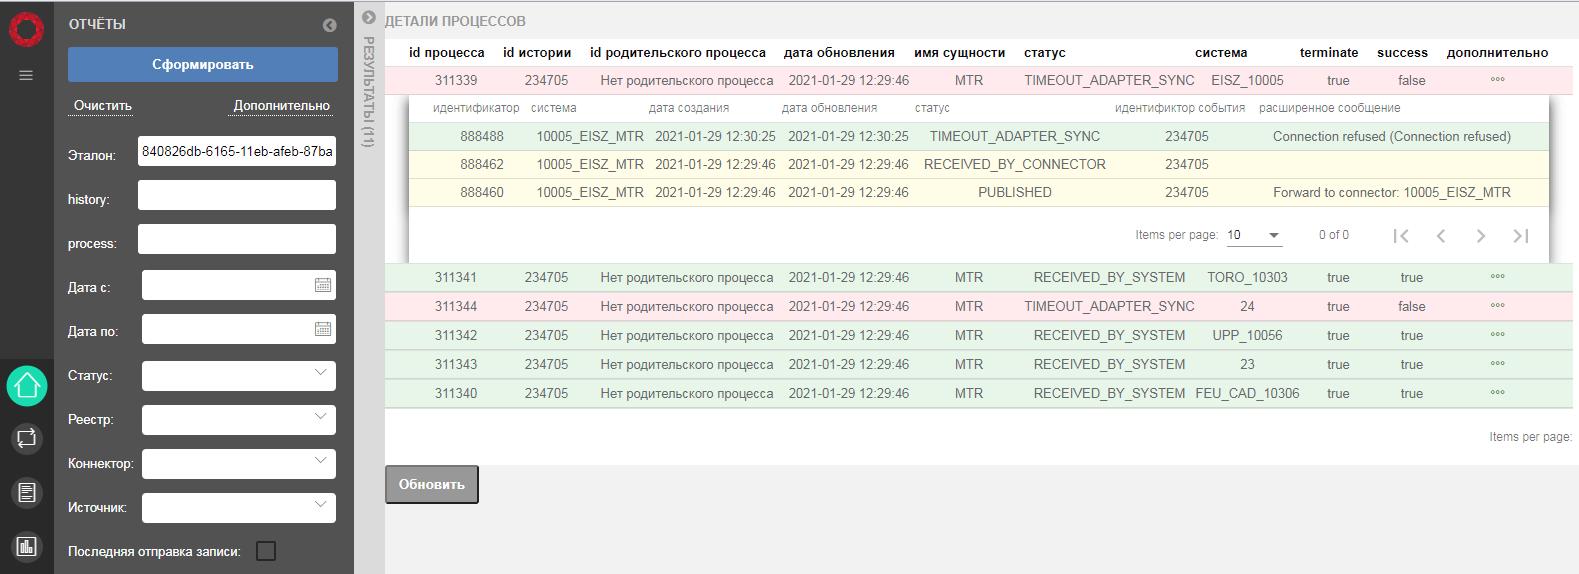 Интерфейс модуля подписки и публикации